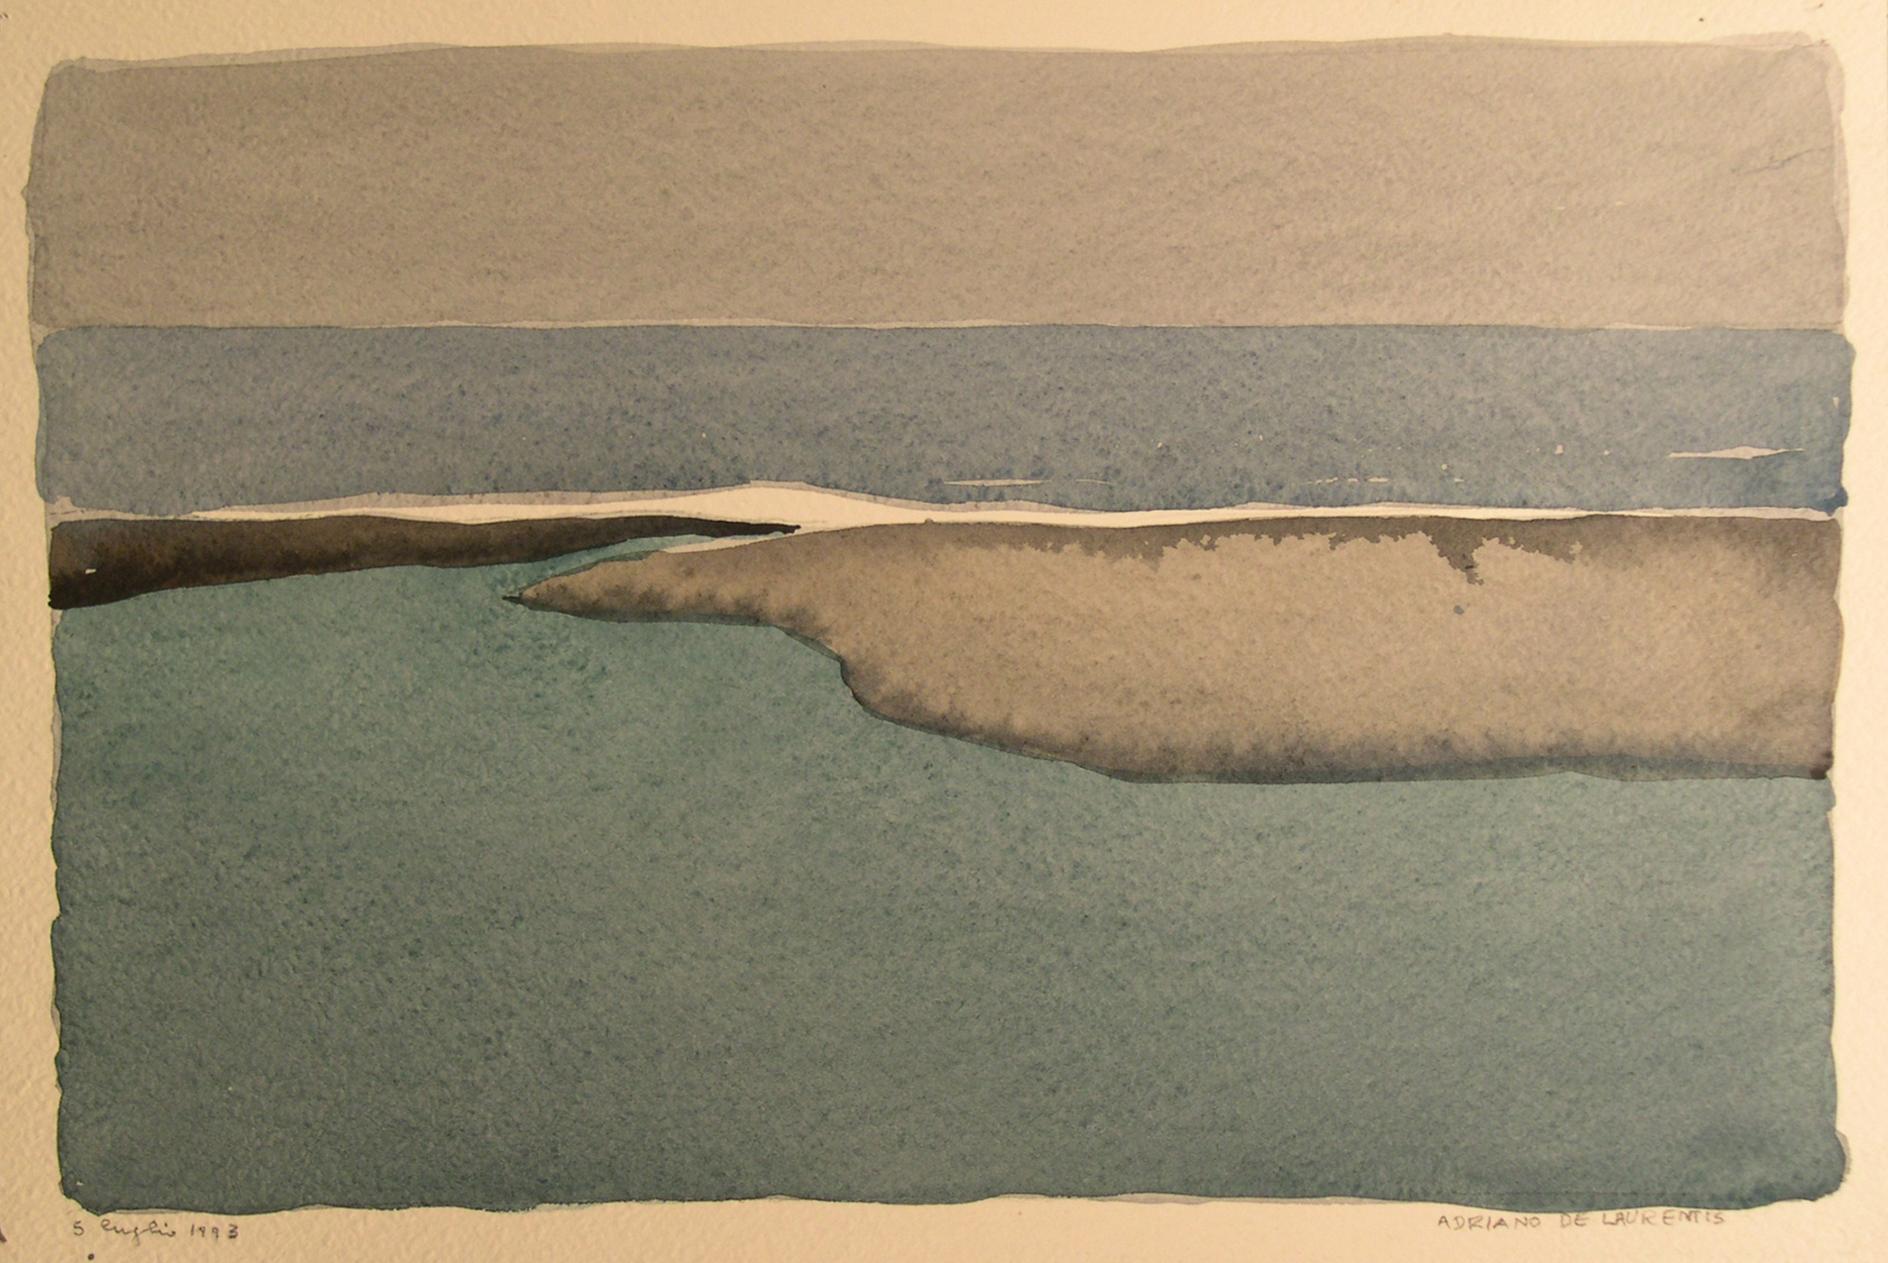 Senza Titolo - 1993 - Acquerello su Cartoncino - 22x34